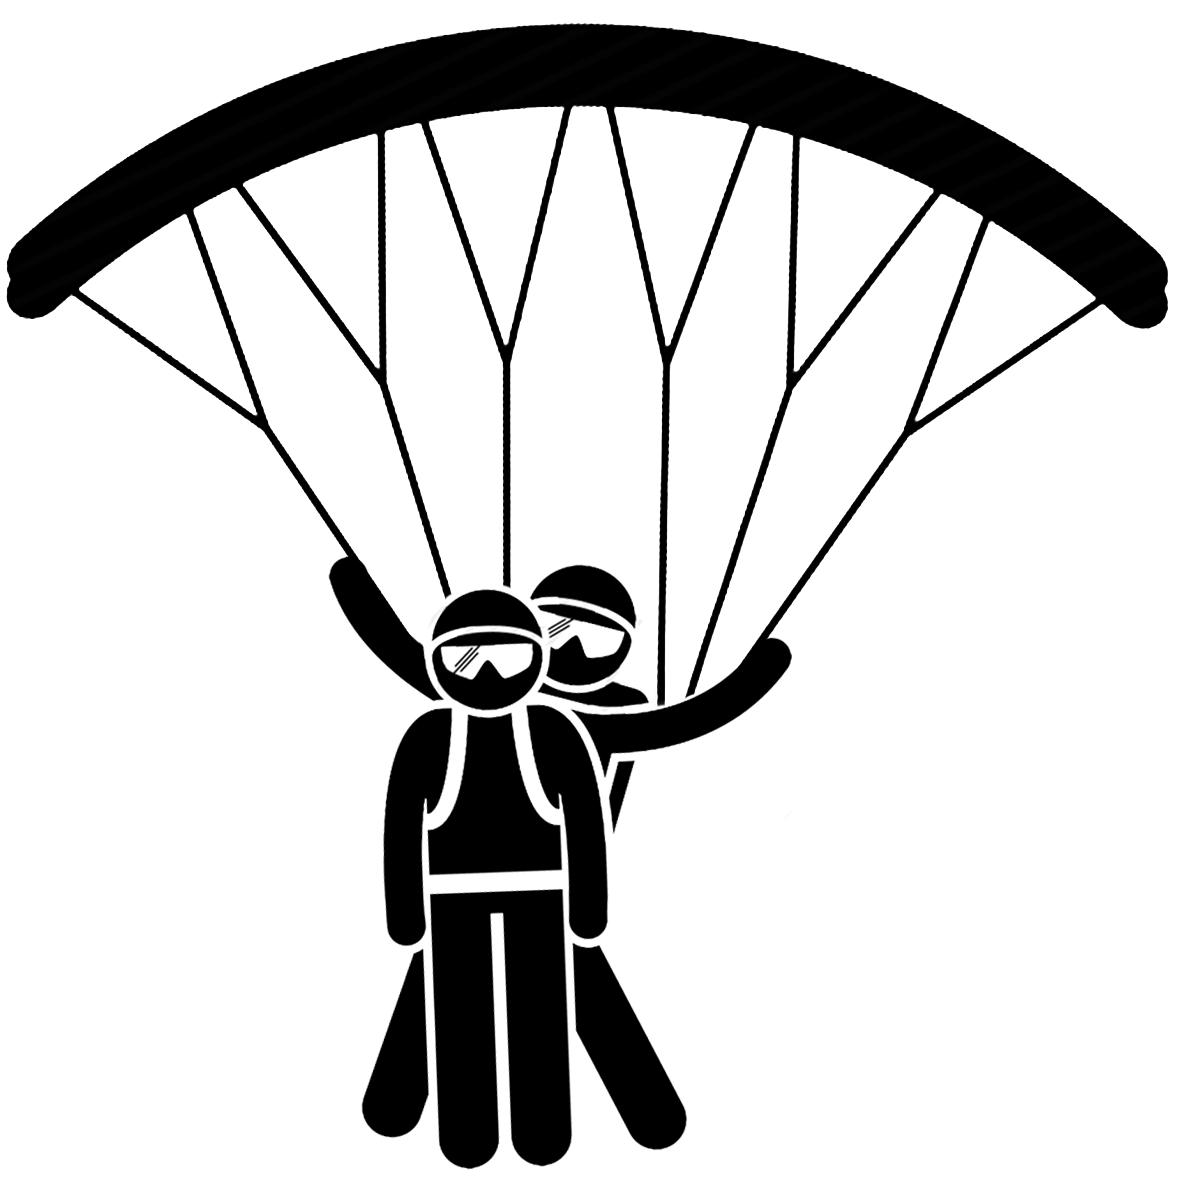 ثبت نام پرواز تفریحی